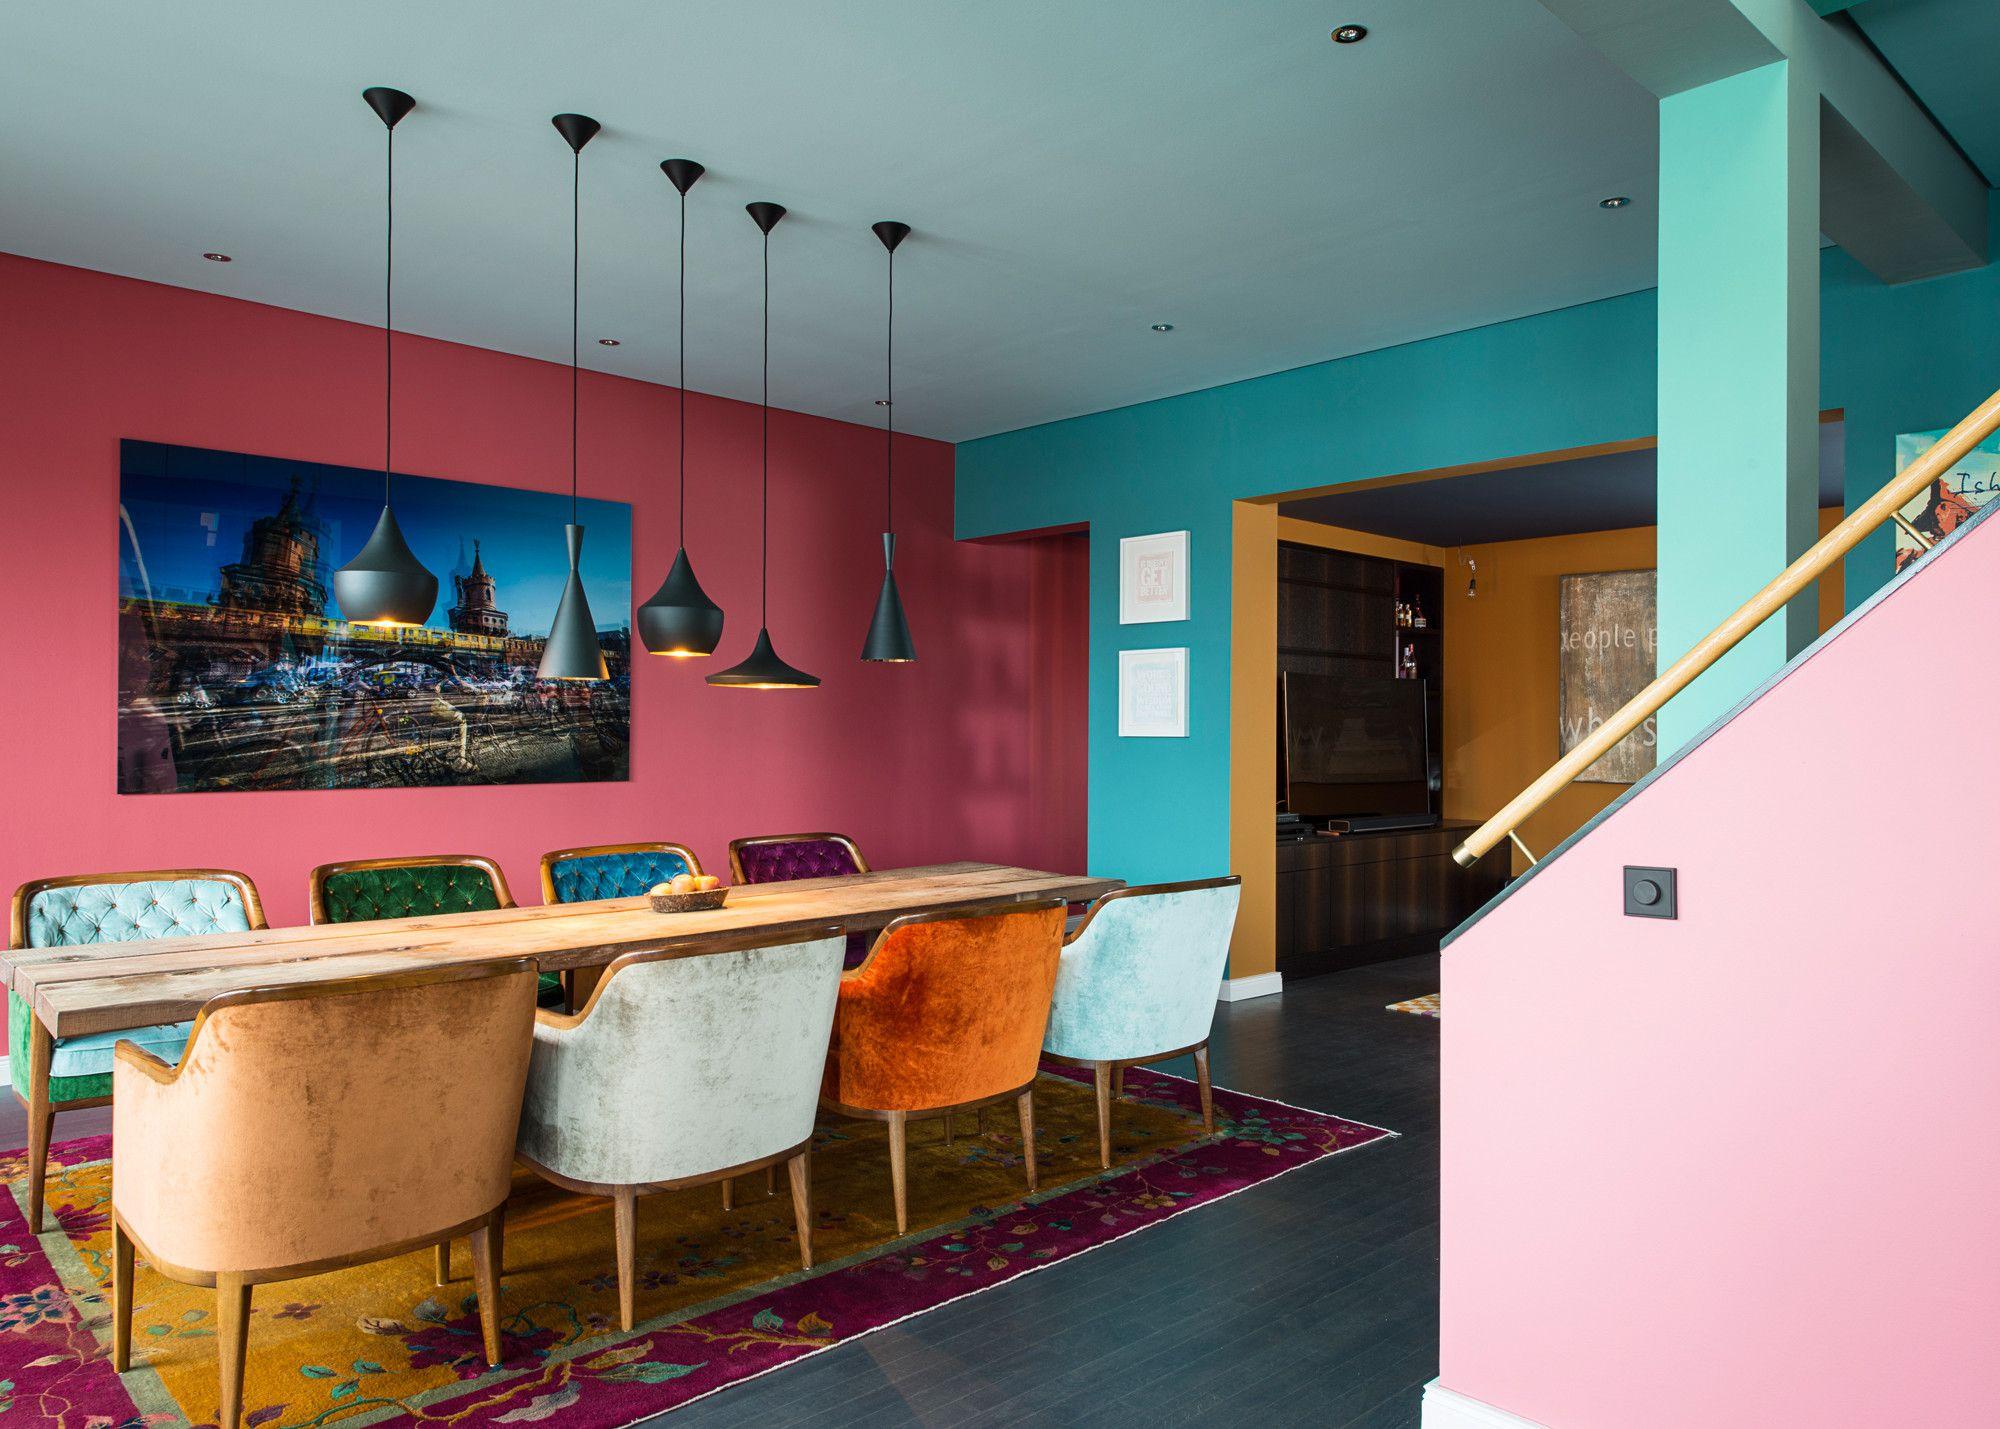 Wie-kann-man-mehr-Farbe-ins-Interieur-bringen-